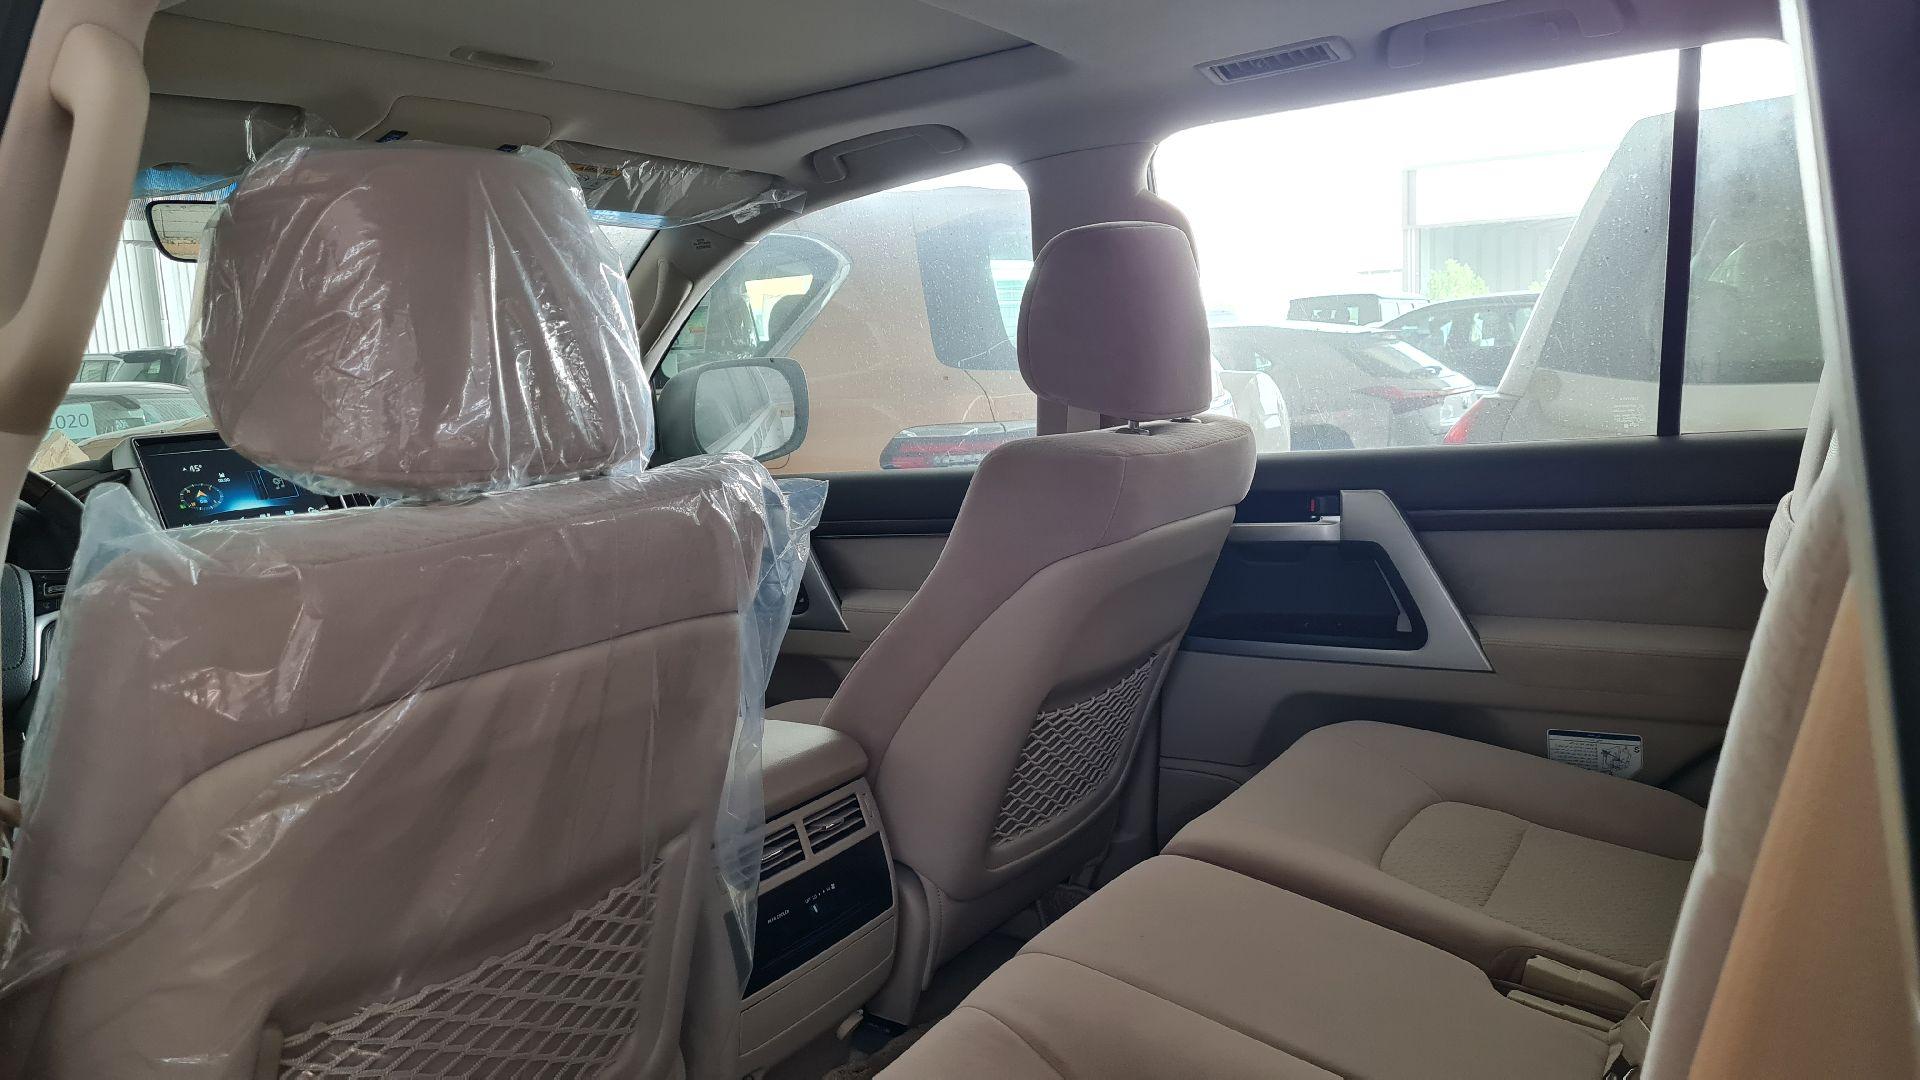 تويوتا لاندكروزر VX.E نص فل 2021 دبل بريمي جديد للبيع في الرياض - السعودية - صورة كبيرة - 15